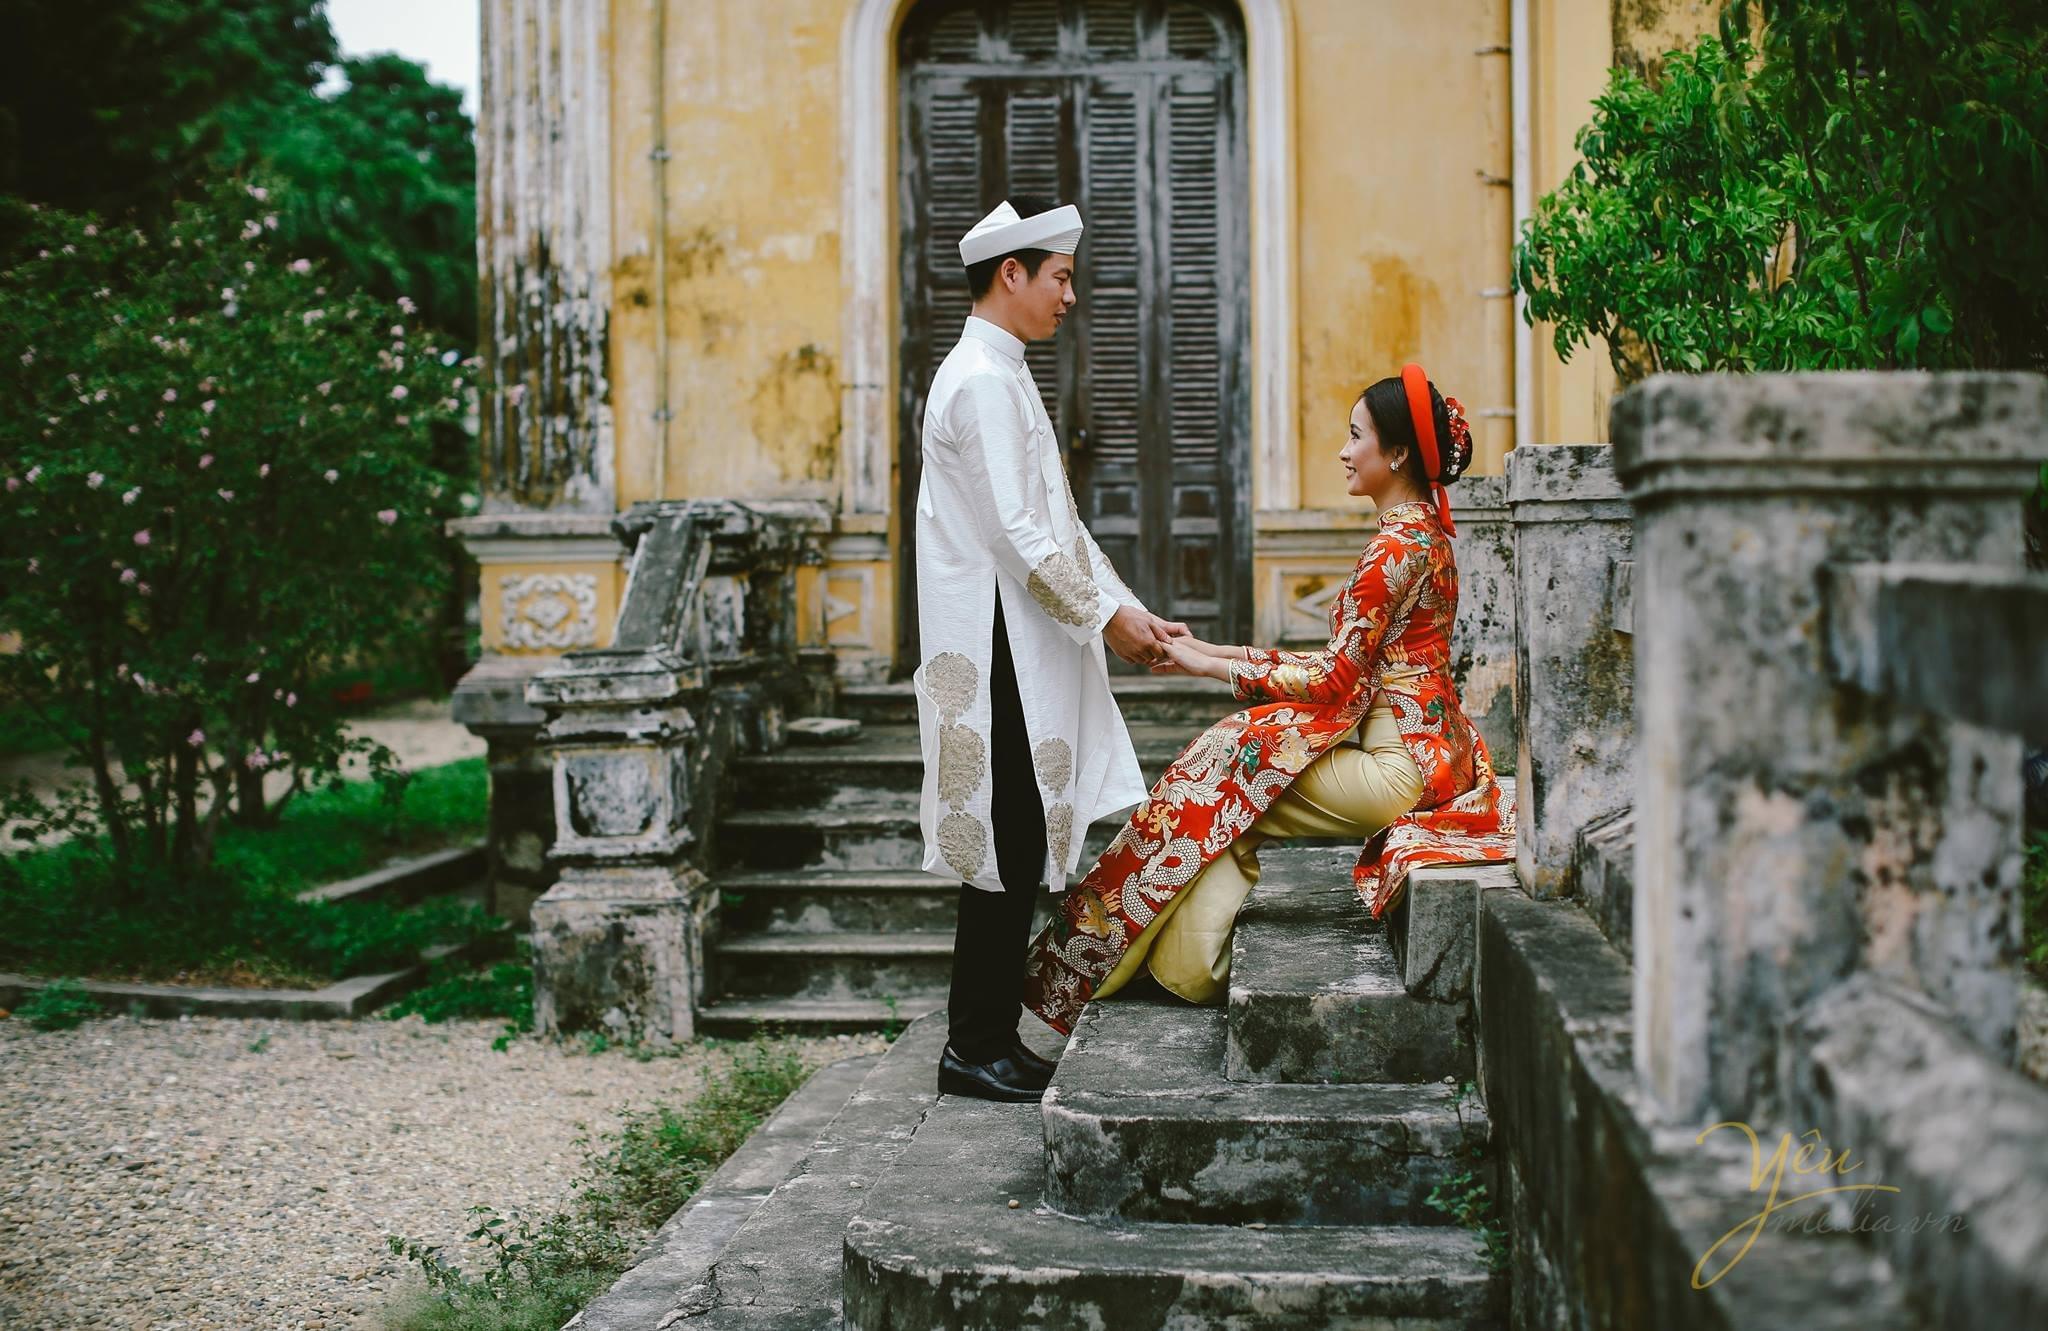 ảnh cưới áo dài gấm đỏ truyền thống cô dâu chú rể tại góc nhỏ đại nội